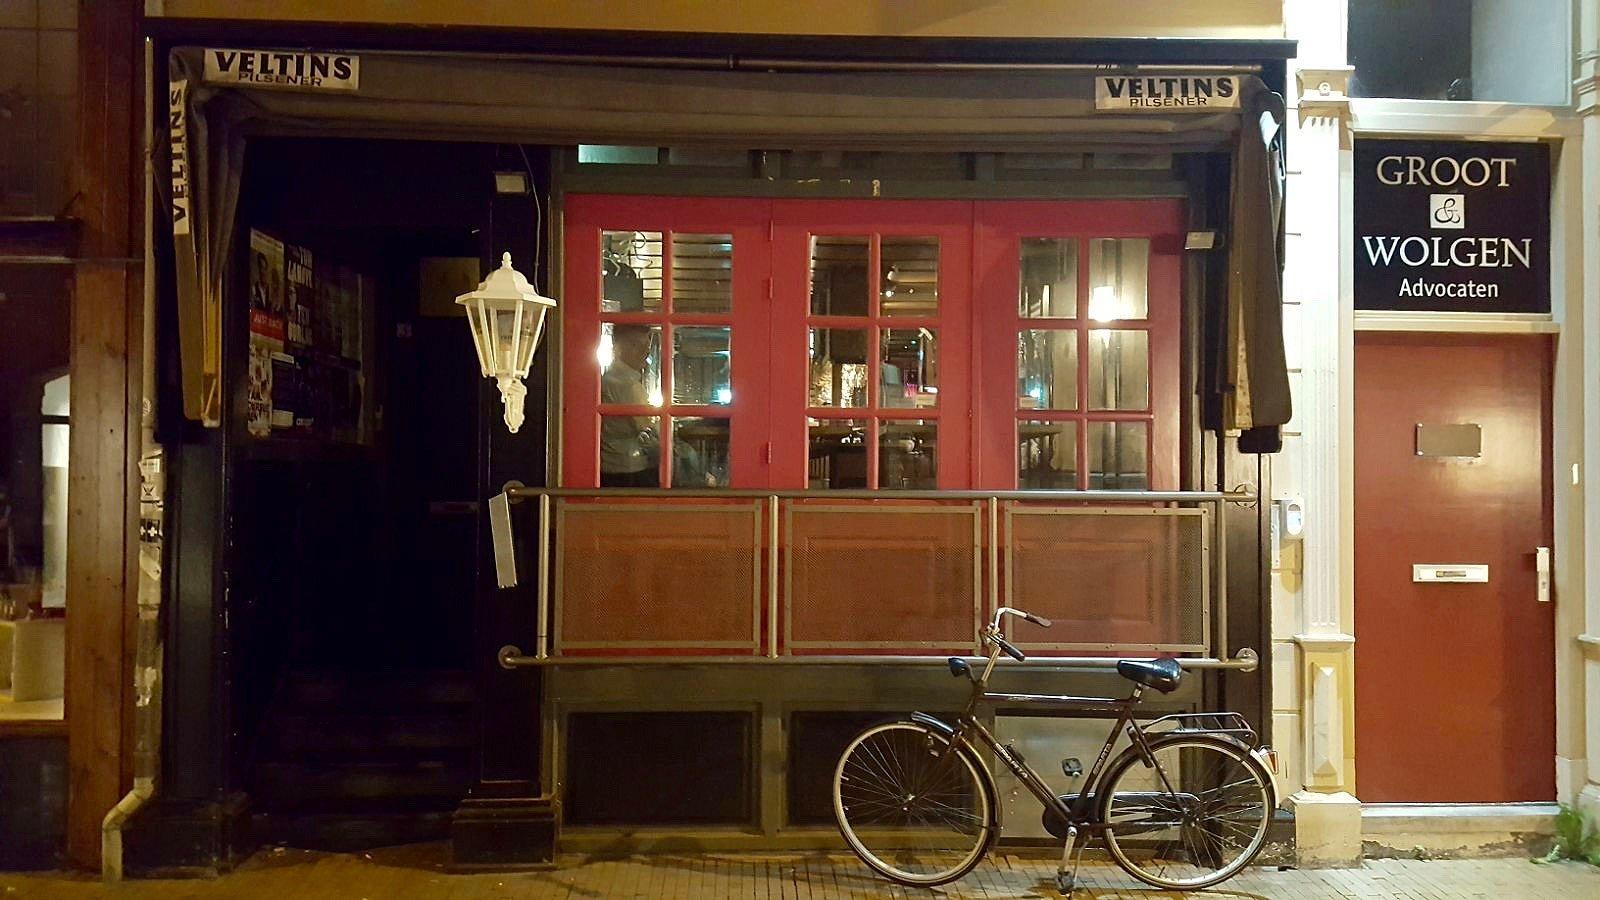 Nieuw Gronings gaycafé: 'We zijn alle drie gay, dus we weten wat er hier mist'